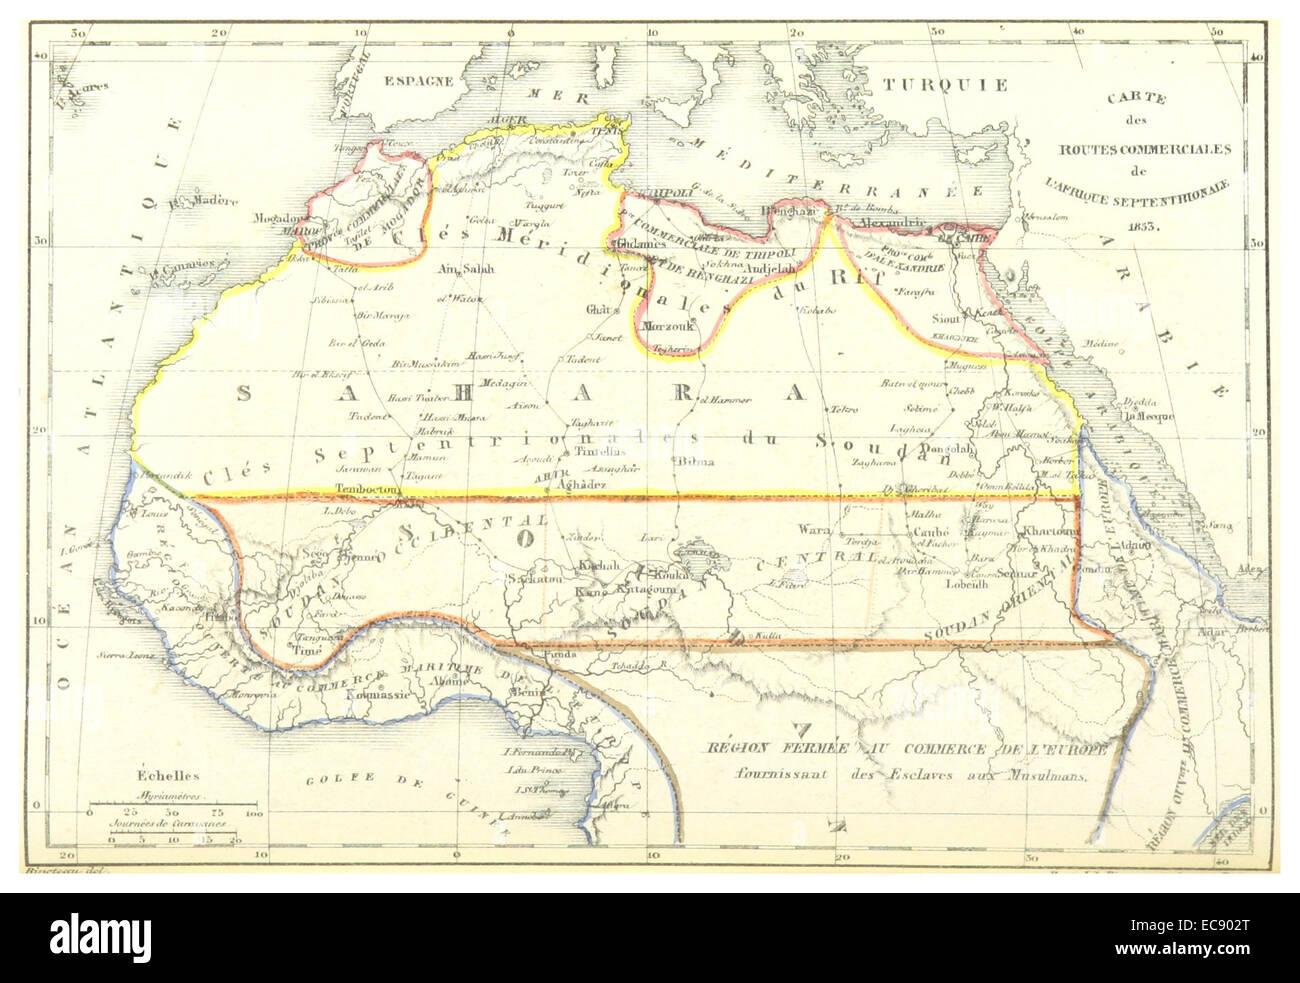 ESCAYRAC(1853) p568 CARTE DES ROUTES COMMERCIALES DE L'AFRIQUE SEPTENTERIONALE - Stock Image